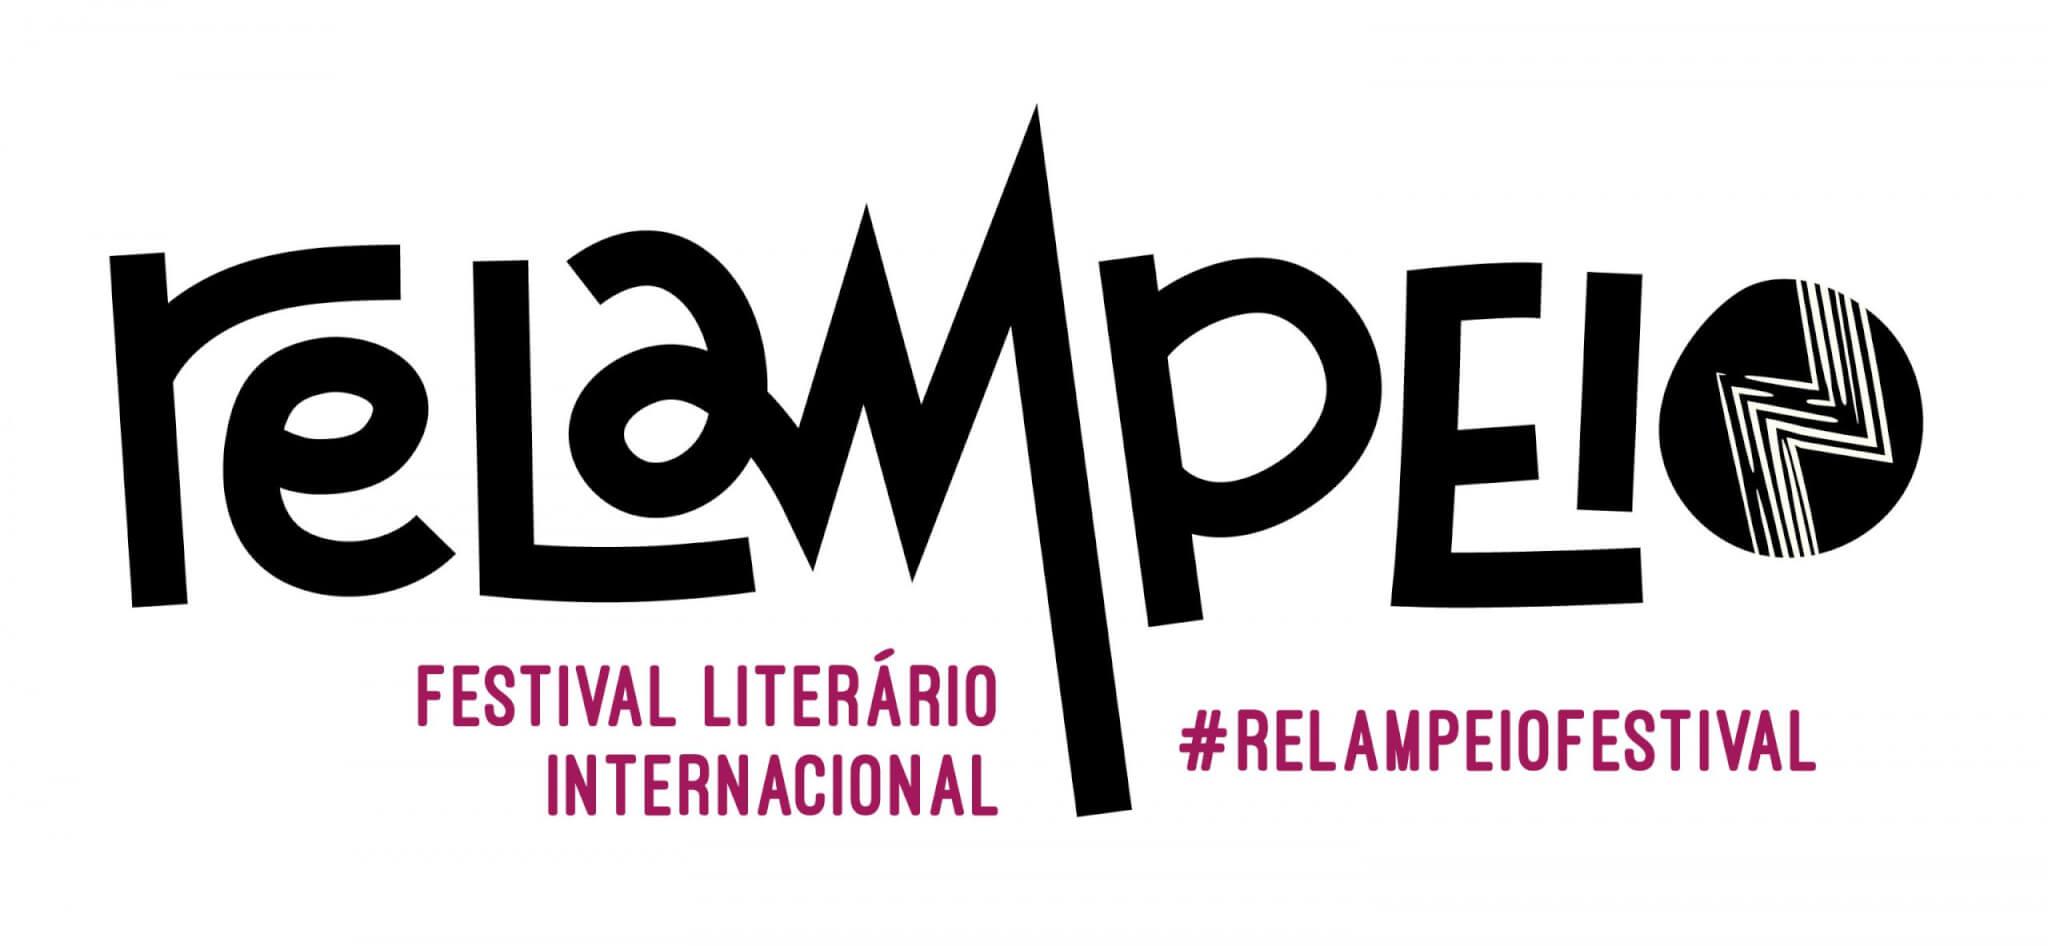 RELAMPEIO: Festival Literário Internacional